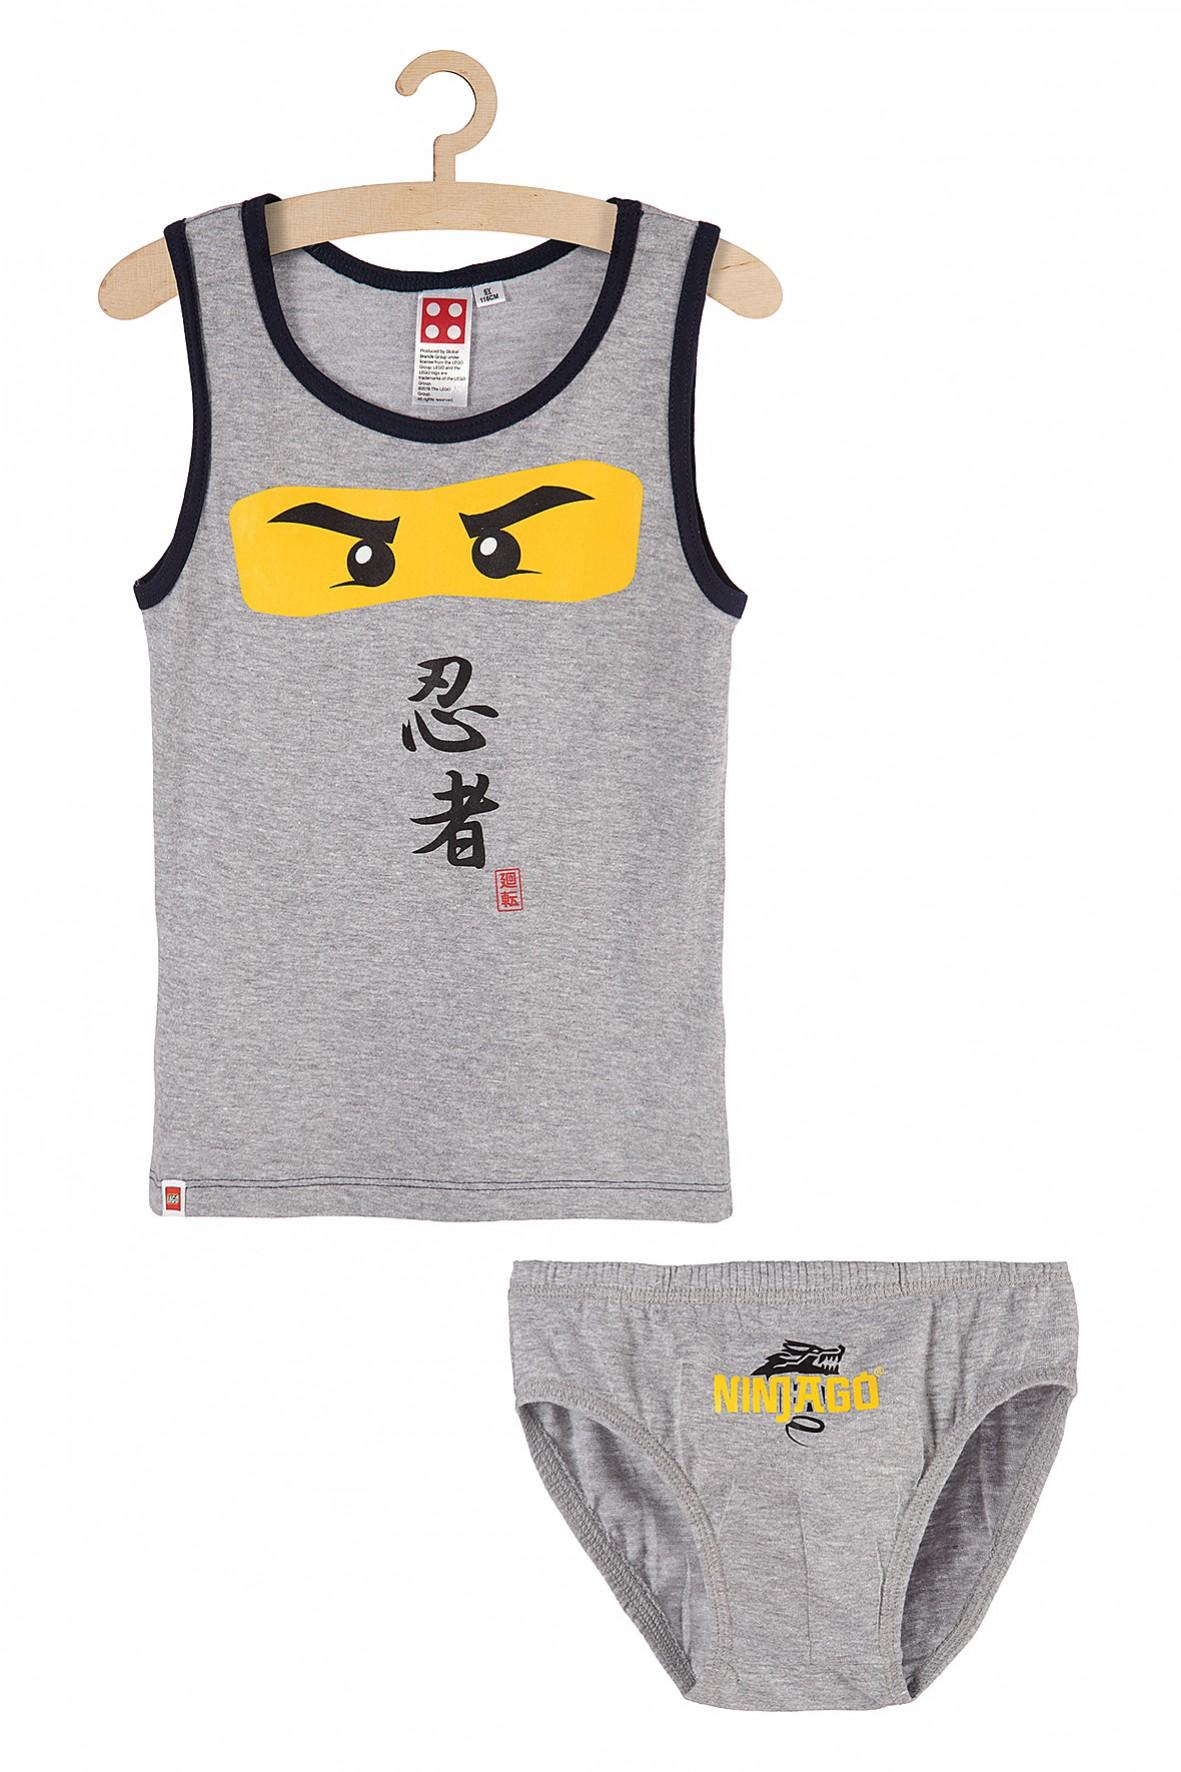 Chłopięcy komplet bieliźniany majtki i koszulka na ramiączkach Lego Ninjago